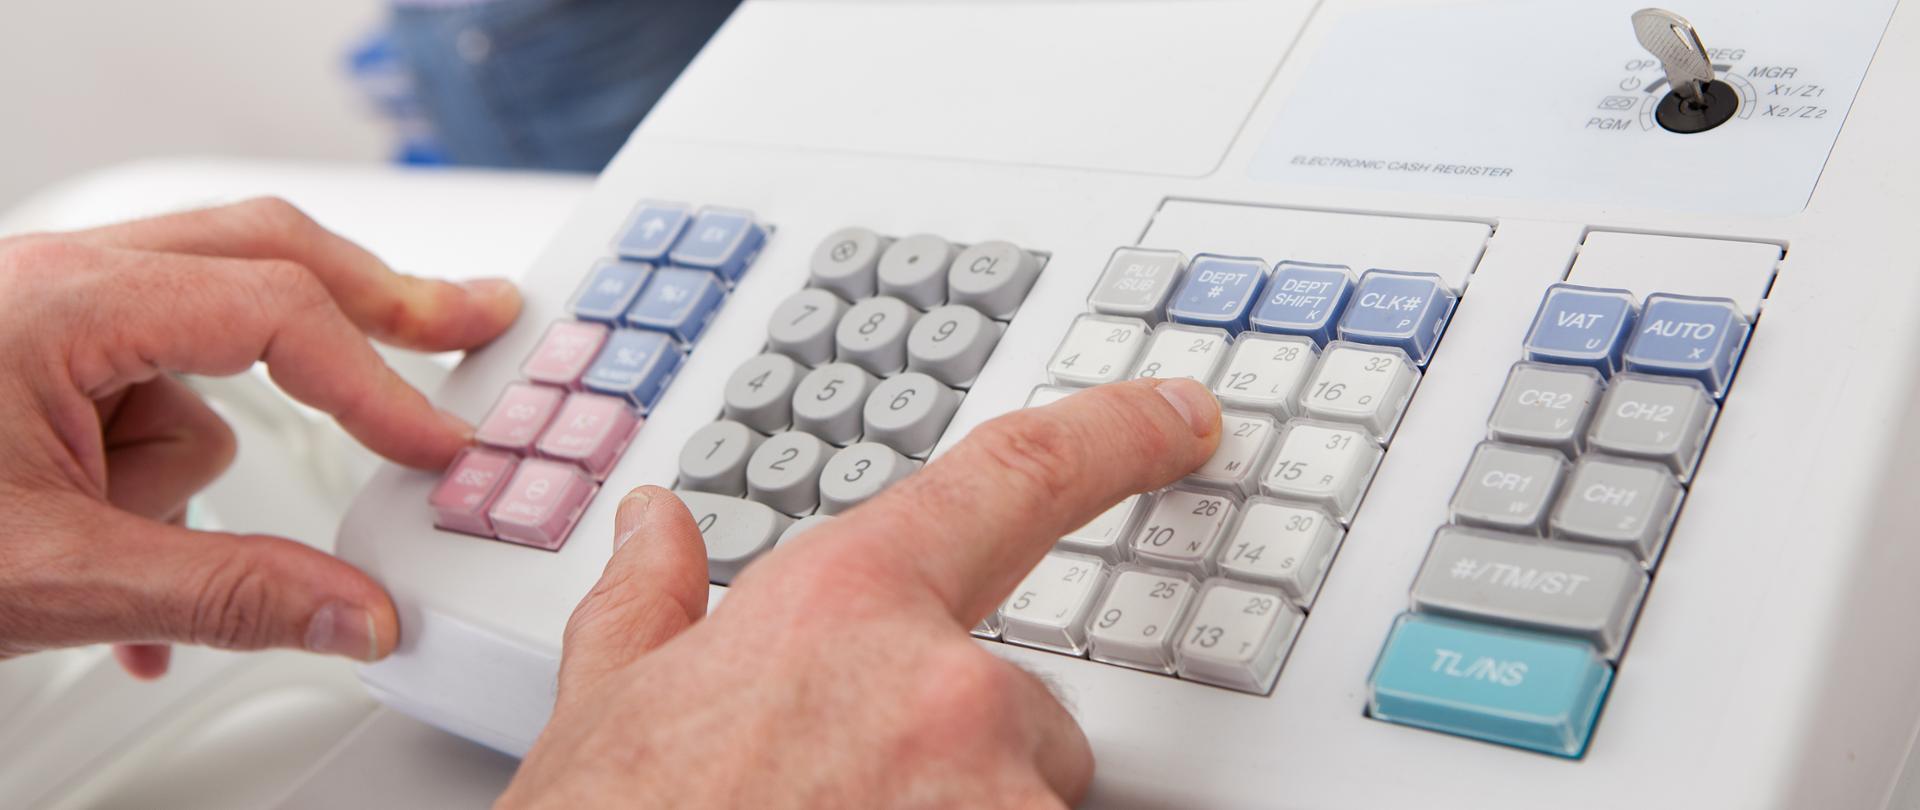 Sprzedawca naciska przyciski na kasie rejestracyjnej